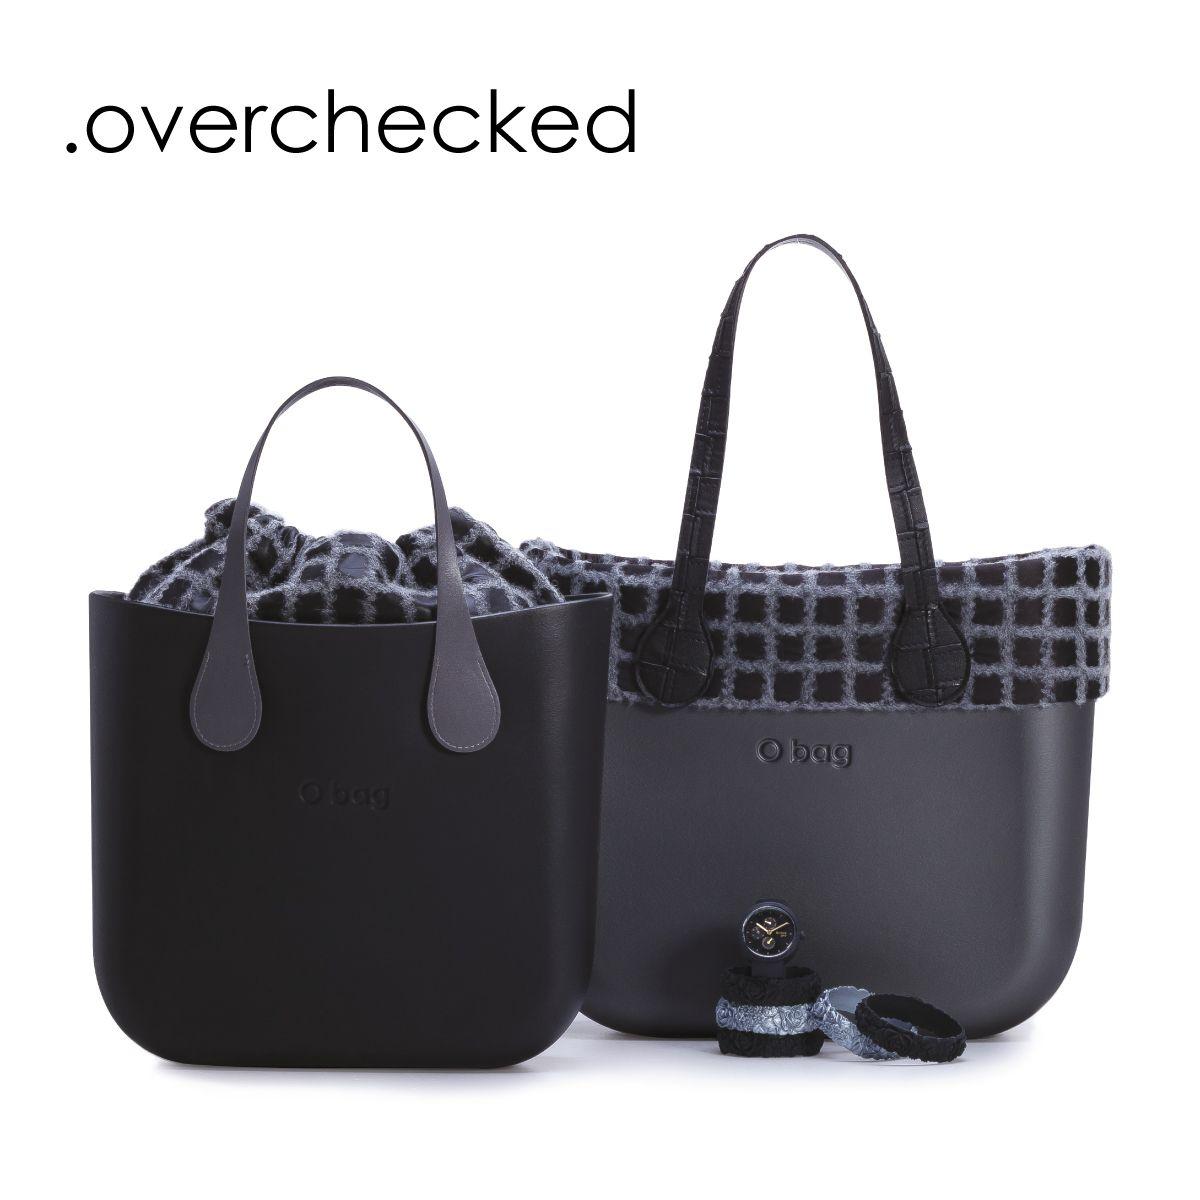 obag e o bag mini in un doppio gioco di colori dark e light effetto patchwork un tocco. Black Bedroom Furniture Sets. Home Design Ideas